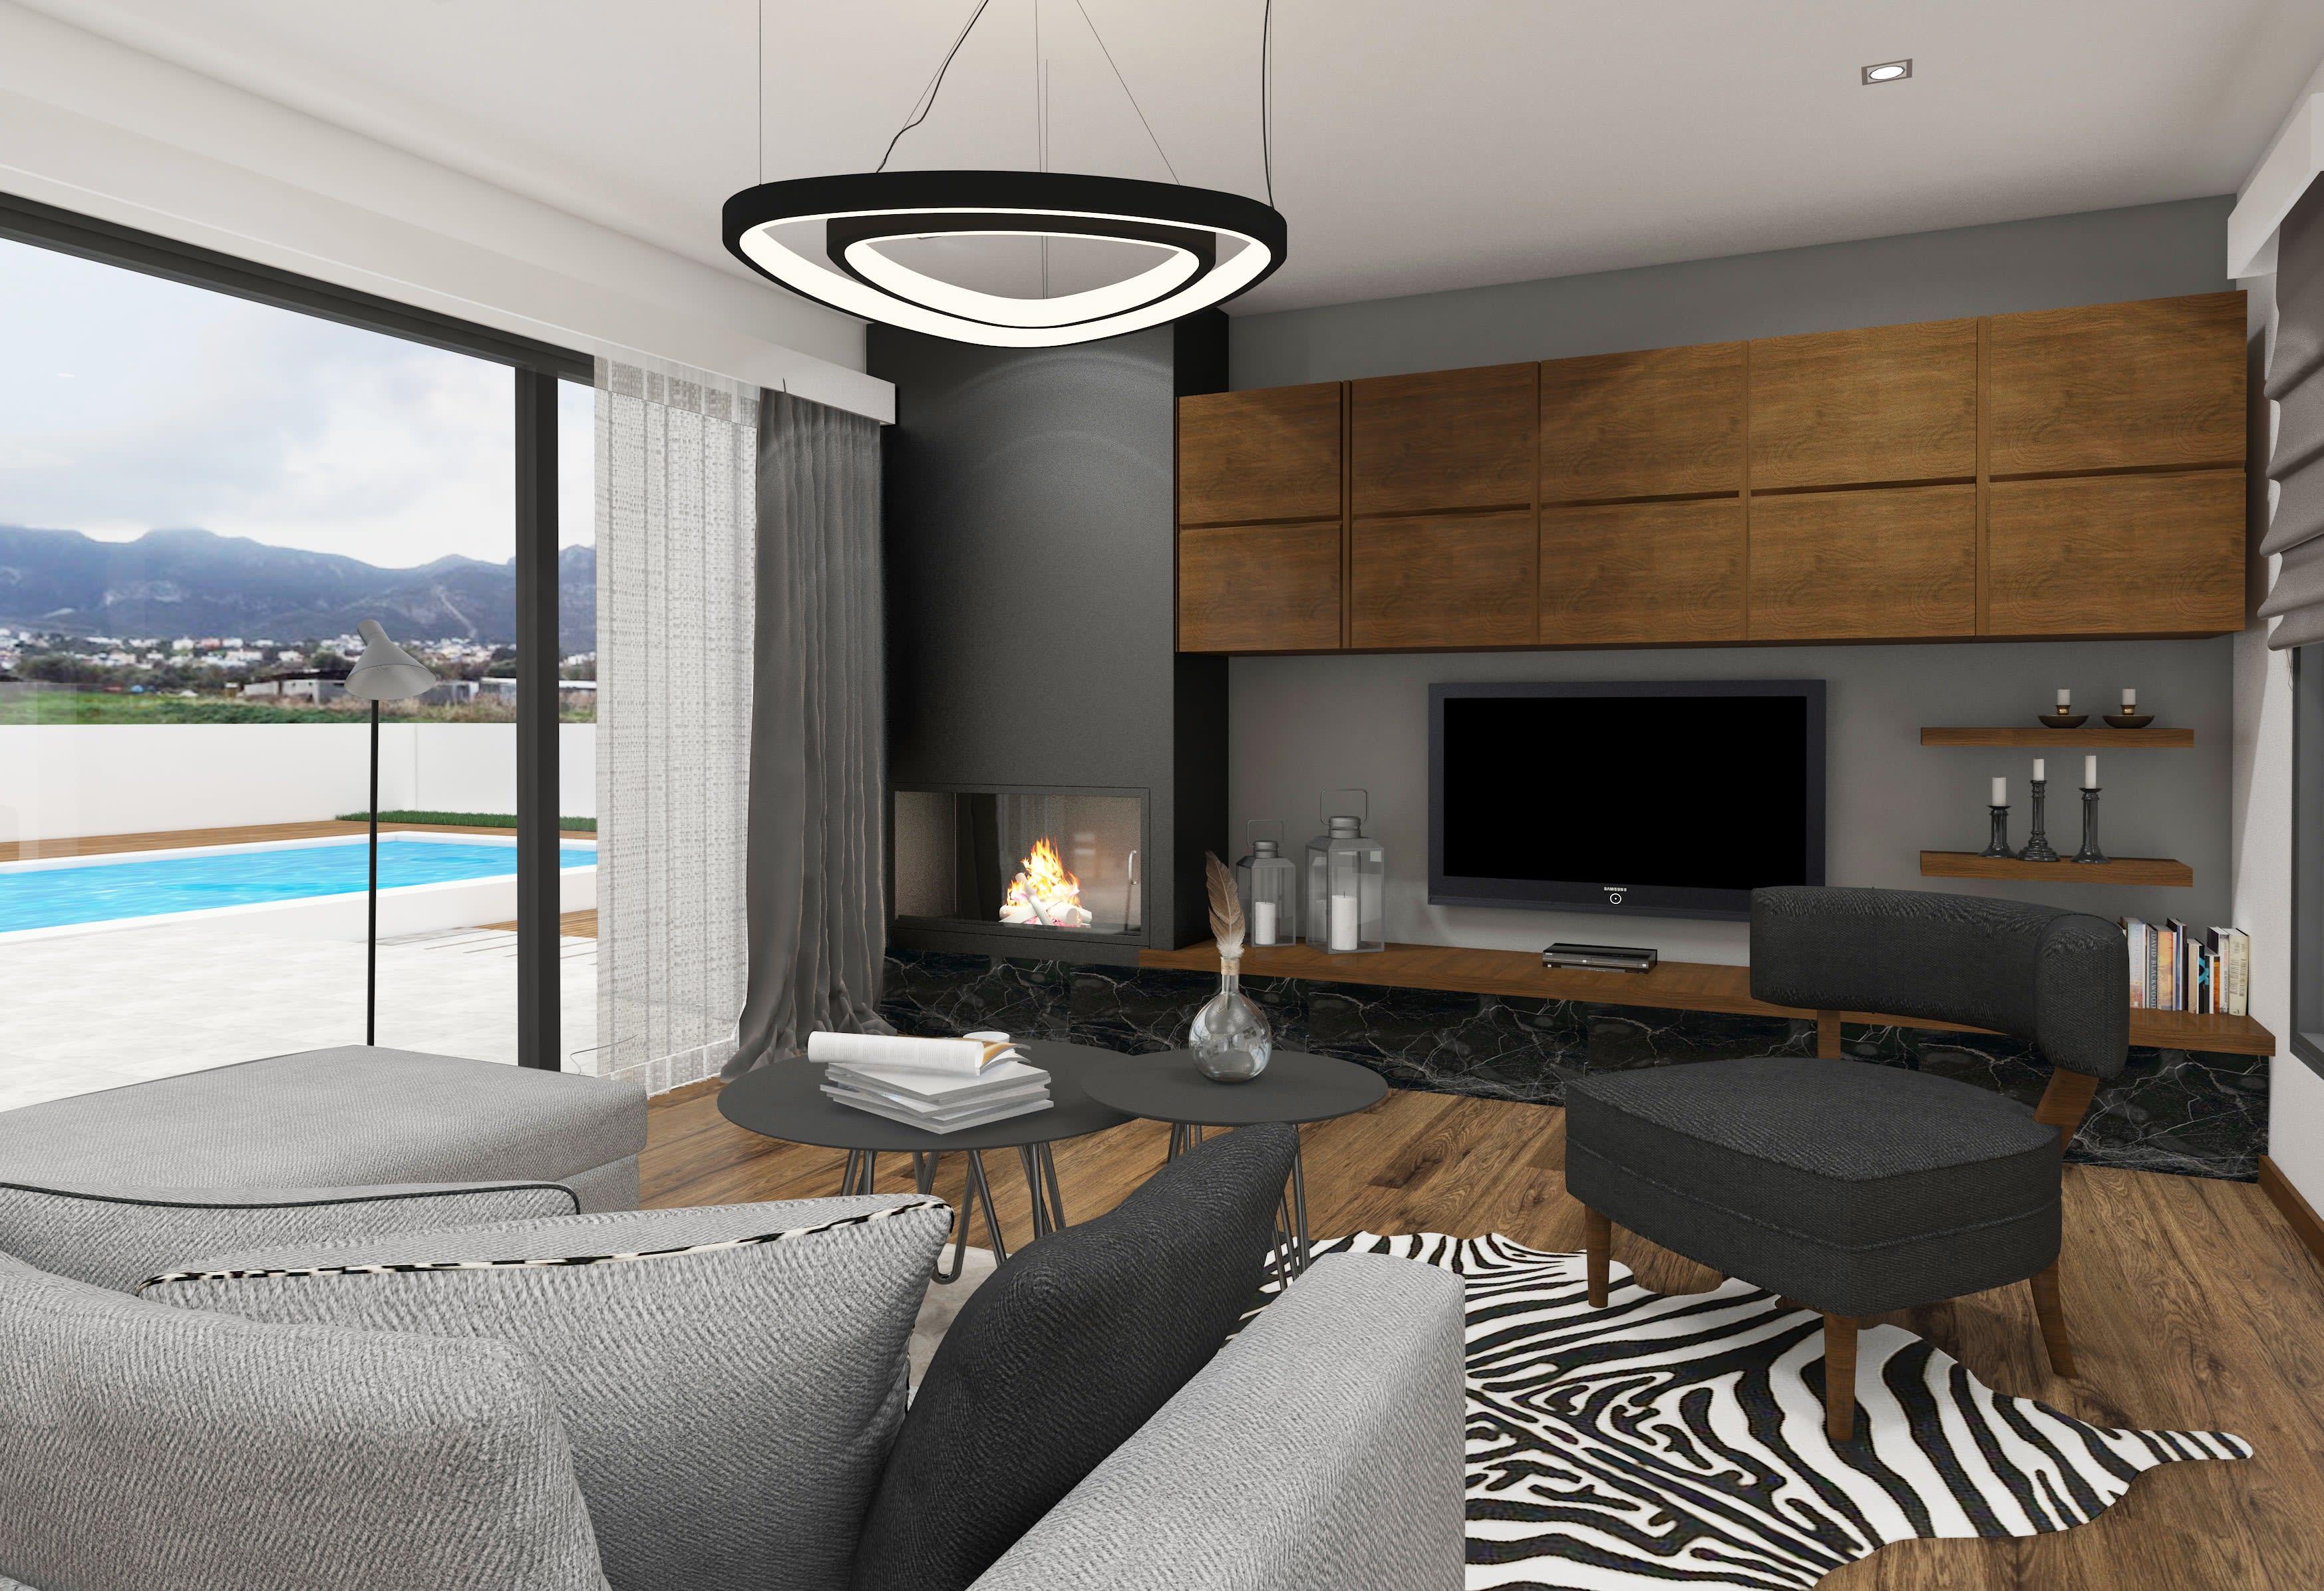 Çatalköy'de Satılık 4 Yatak Odalı ve Özel Havuzlu Lüks Villalar 7935